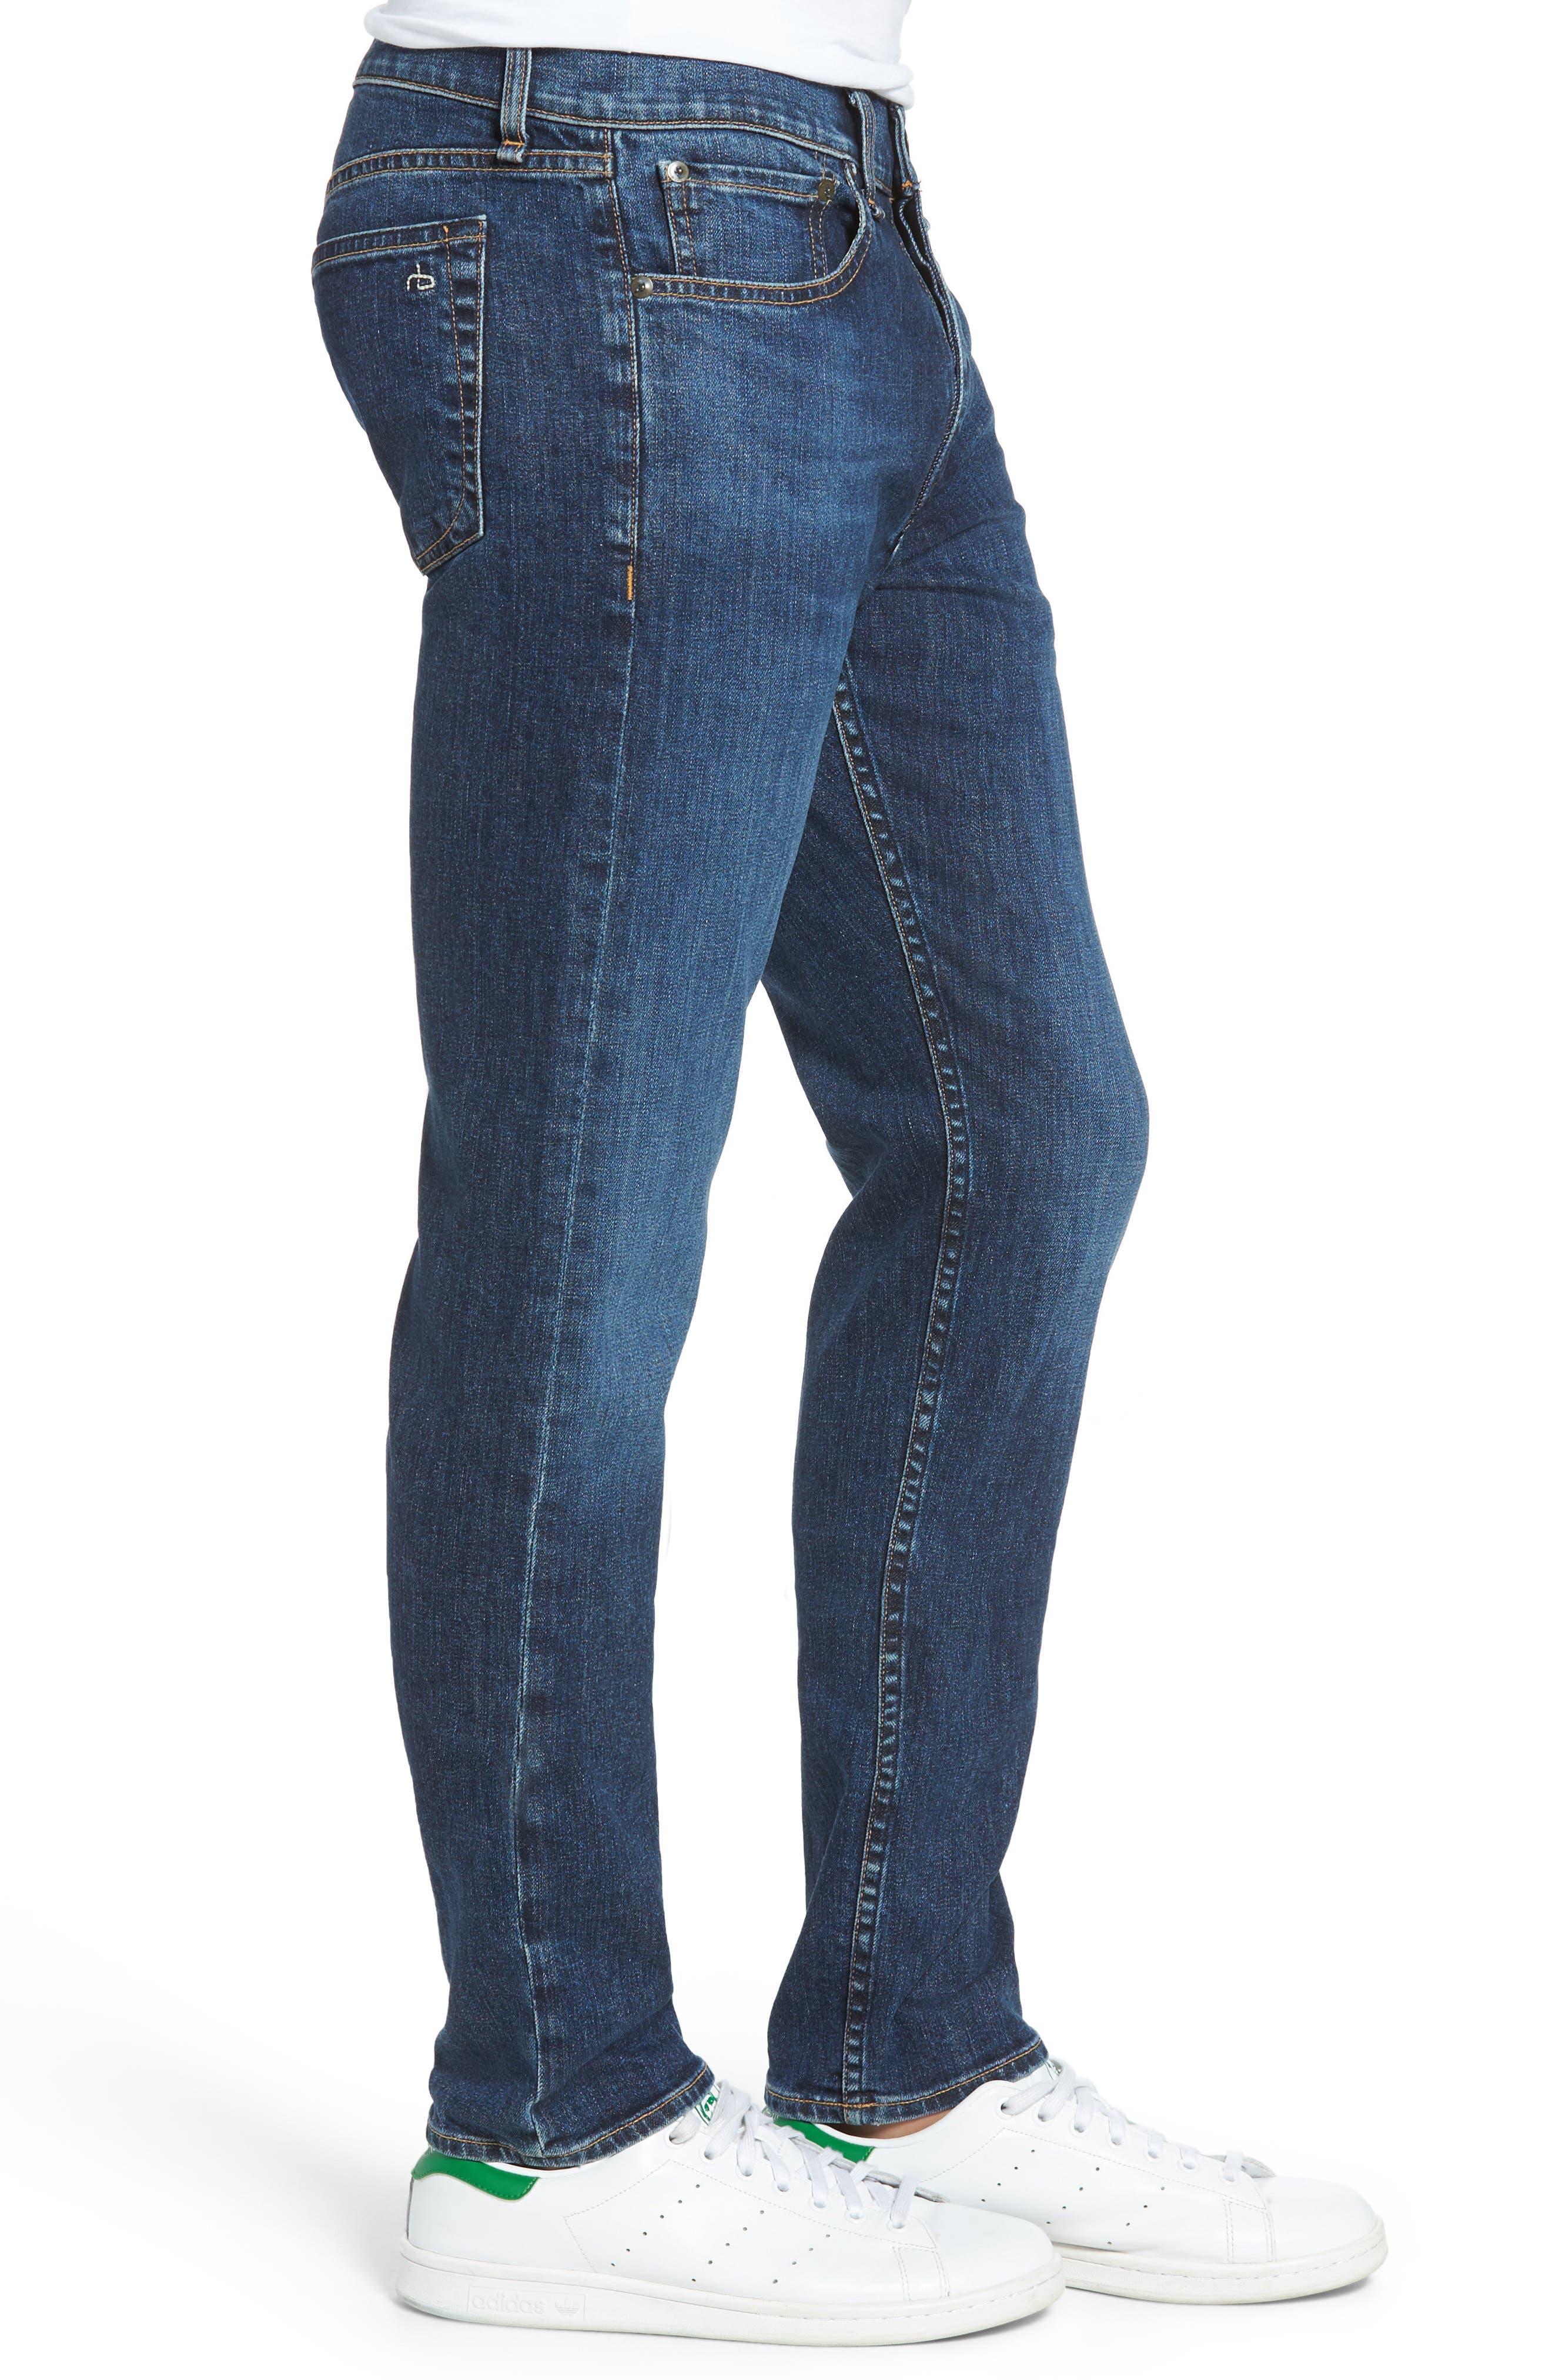 Fit 2 Slim Fit Jeans,                             Alternate thumbnail 3, color,                             Dukes